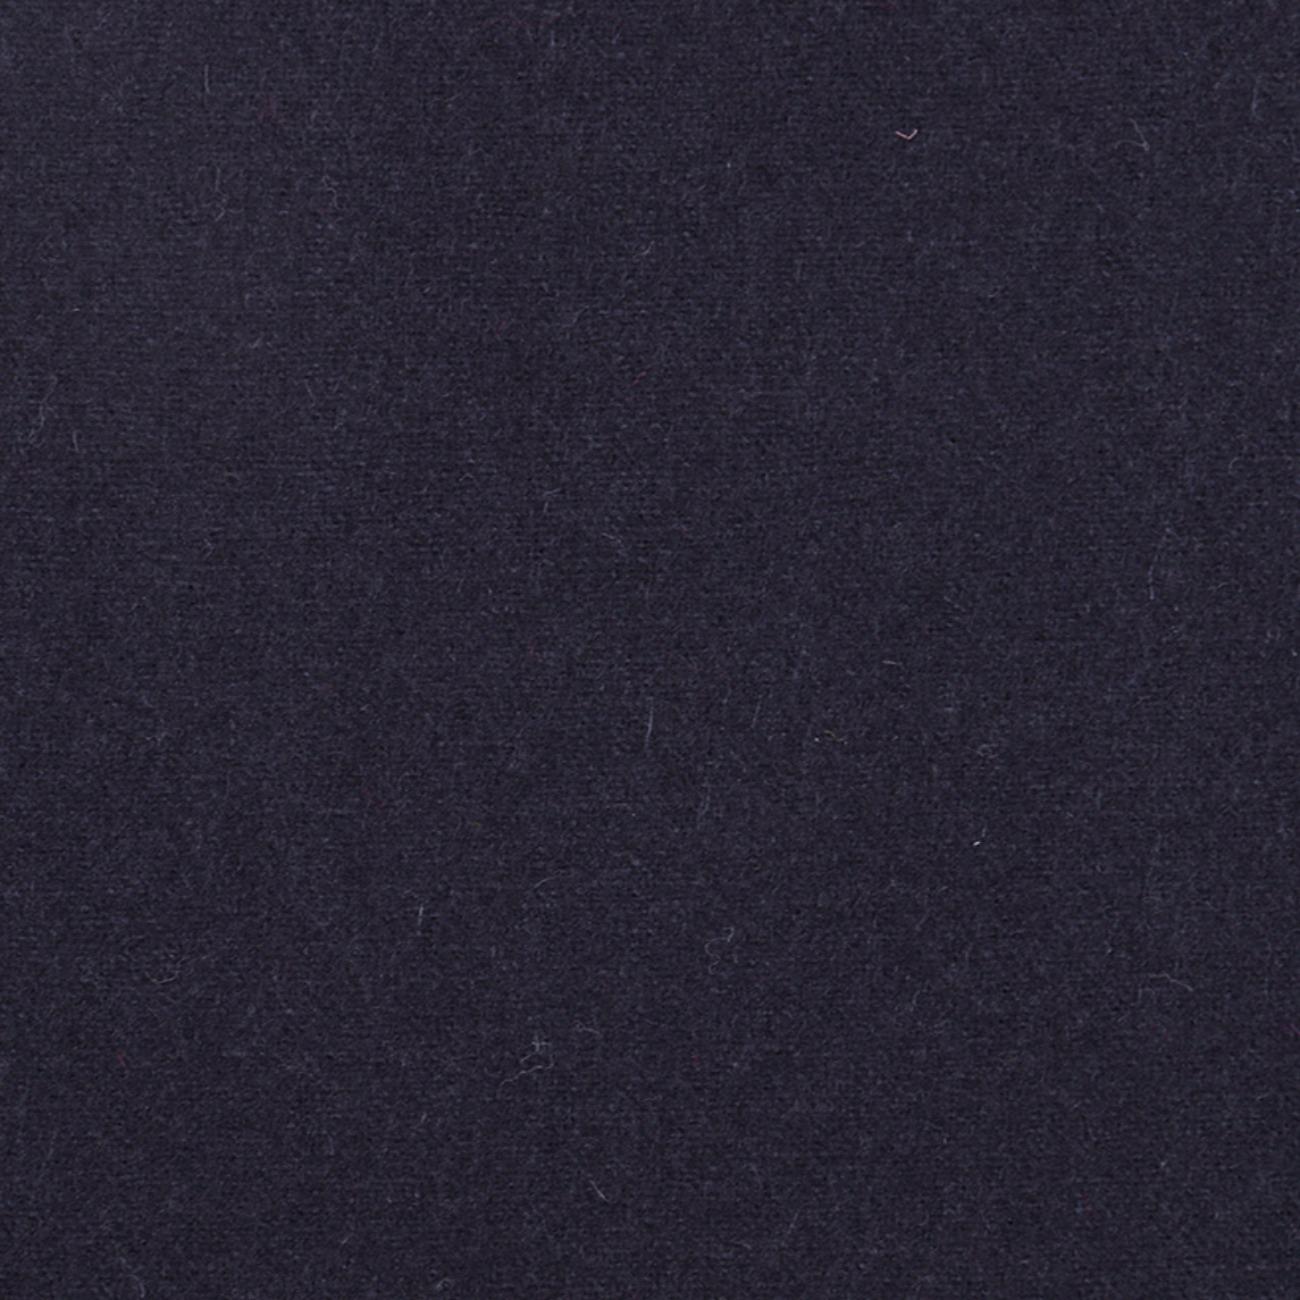 法兰绒 素色 梭织 双面 无弹 大衣 外套 柔软 细腻 绒感 男装 女装 童装 秋冬 羊毛 71019-12